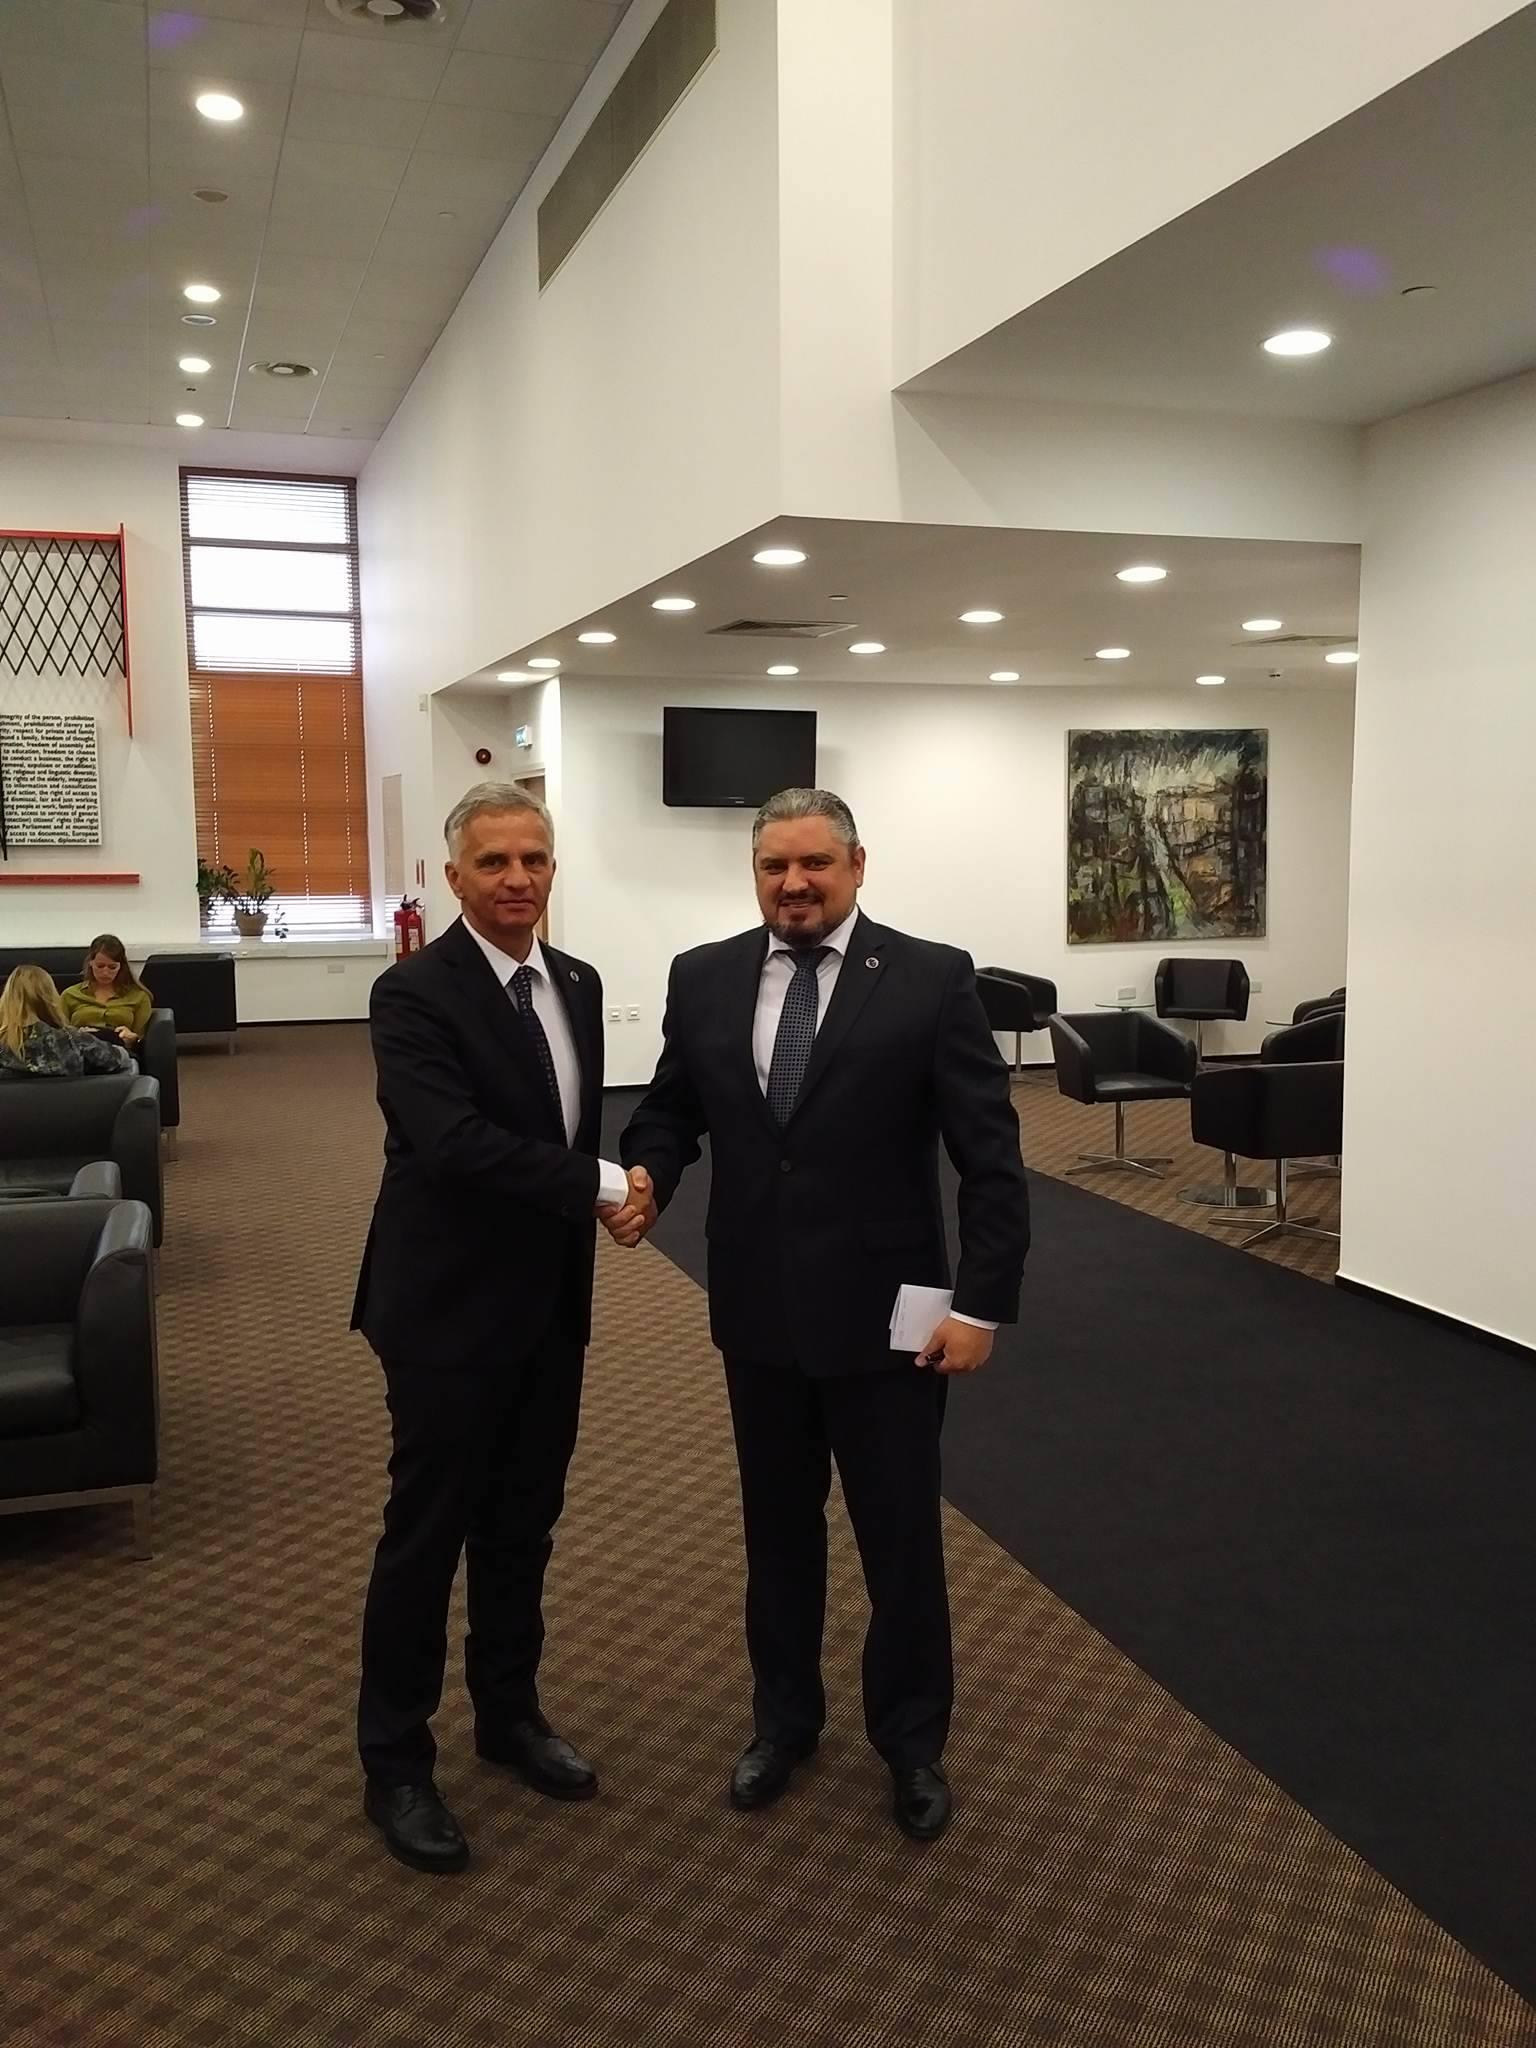 Conţinutul viitoarei Strategii de Cooperare a Elveţiei cu Republica Moldova pentru anii 2018-2021, discutat